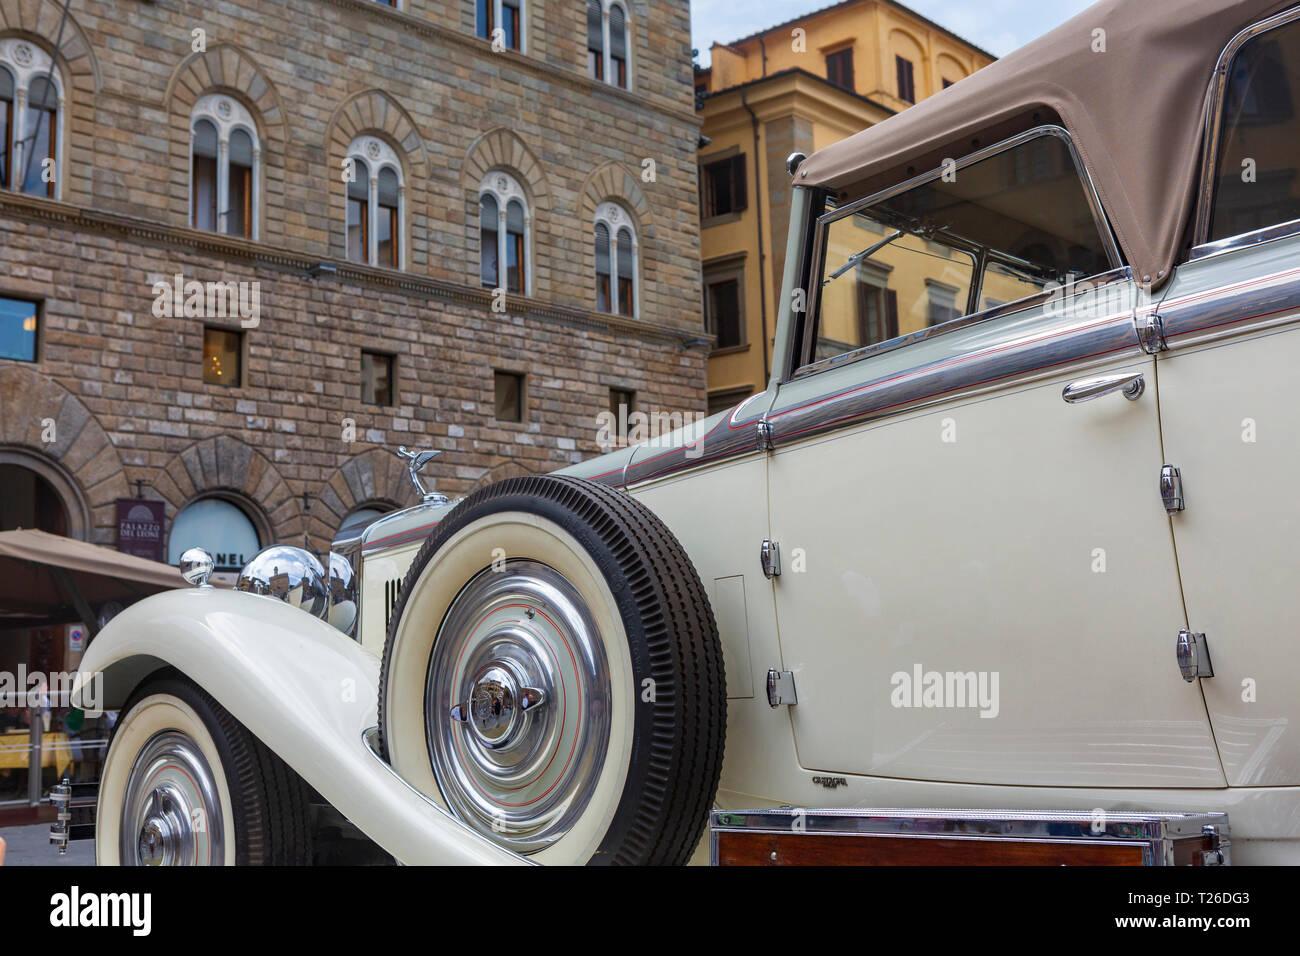 Alfa Romeo, an Italian luxury car company, display at Piazzo della Signoria, Florence, Tuscany, Italy. - Stock Image